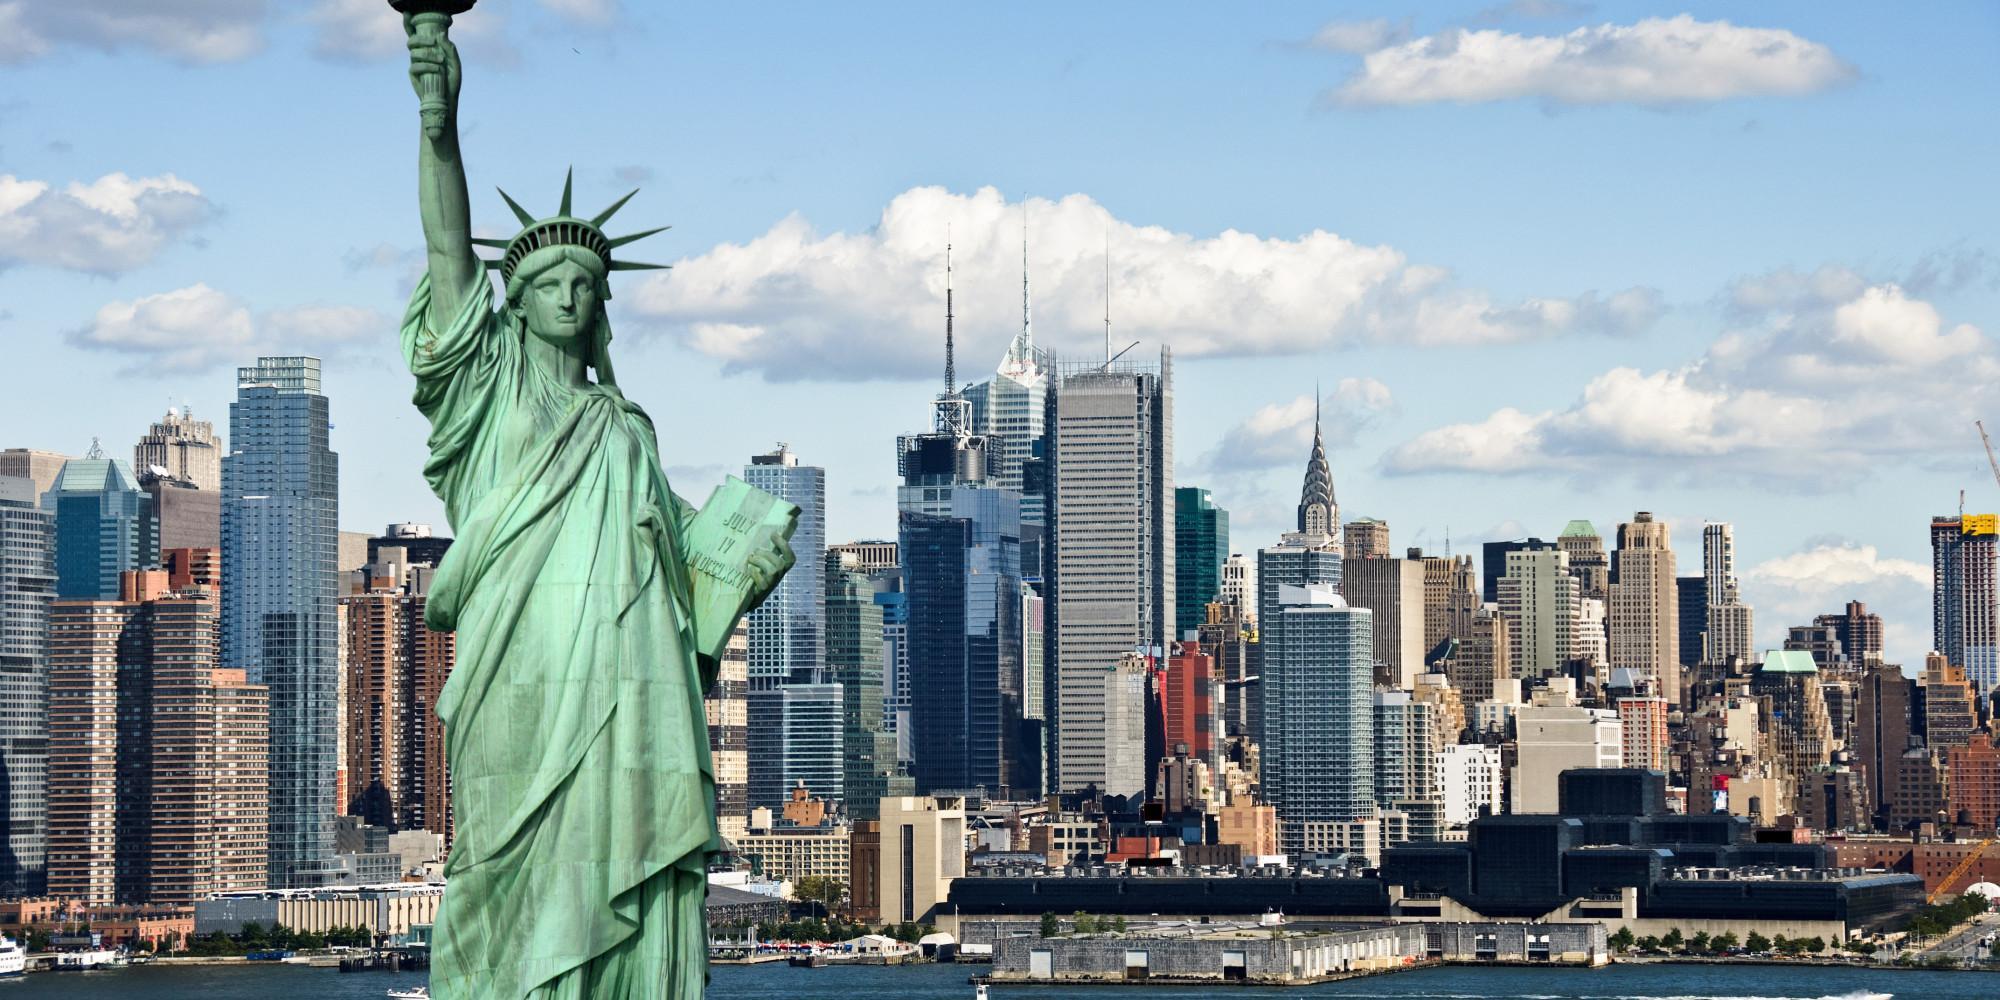 Vols Aller/Retour Paris CDG - New York EWR (Décembre 2016 - Mars 2017)